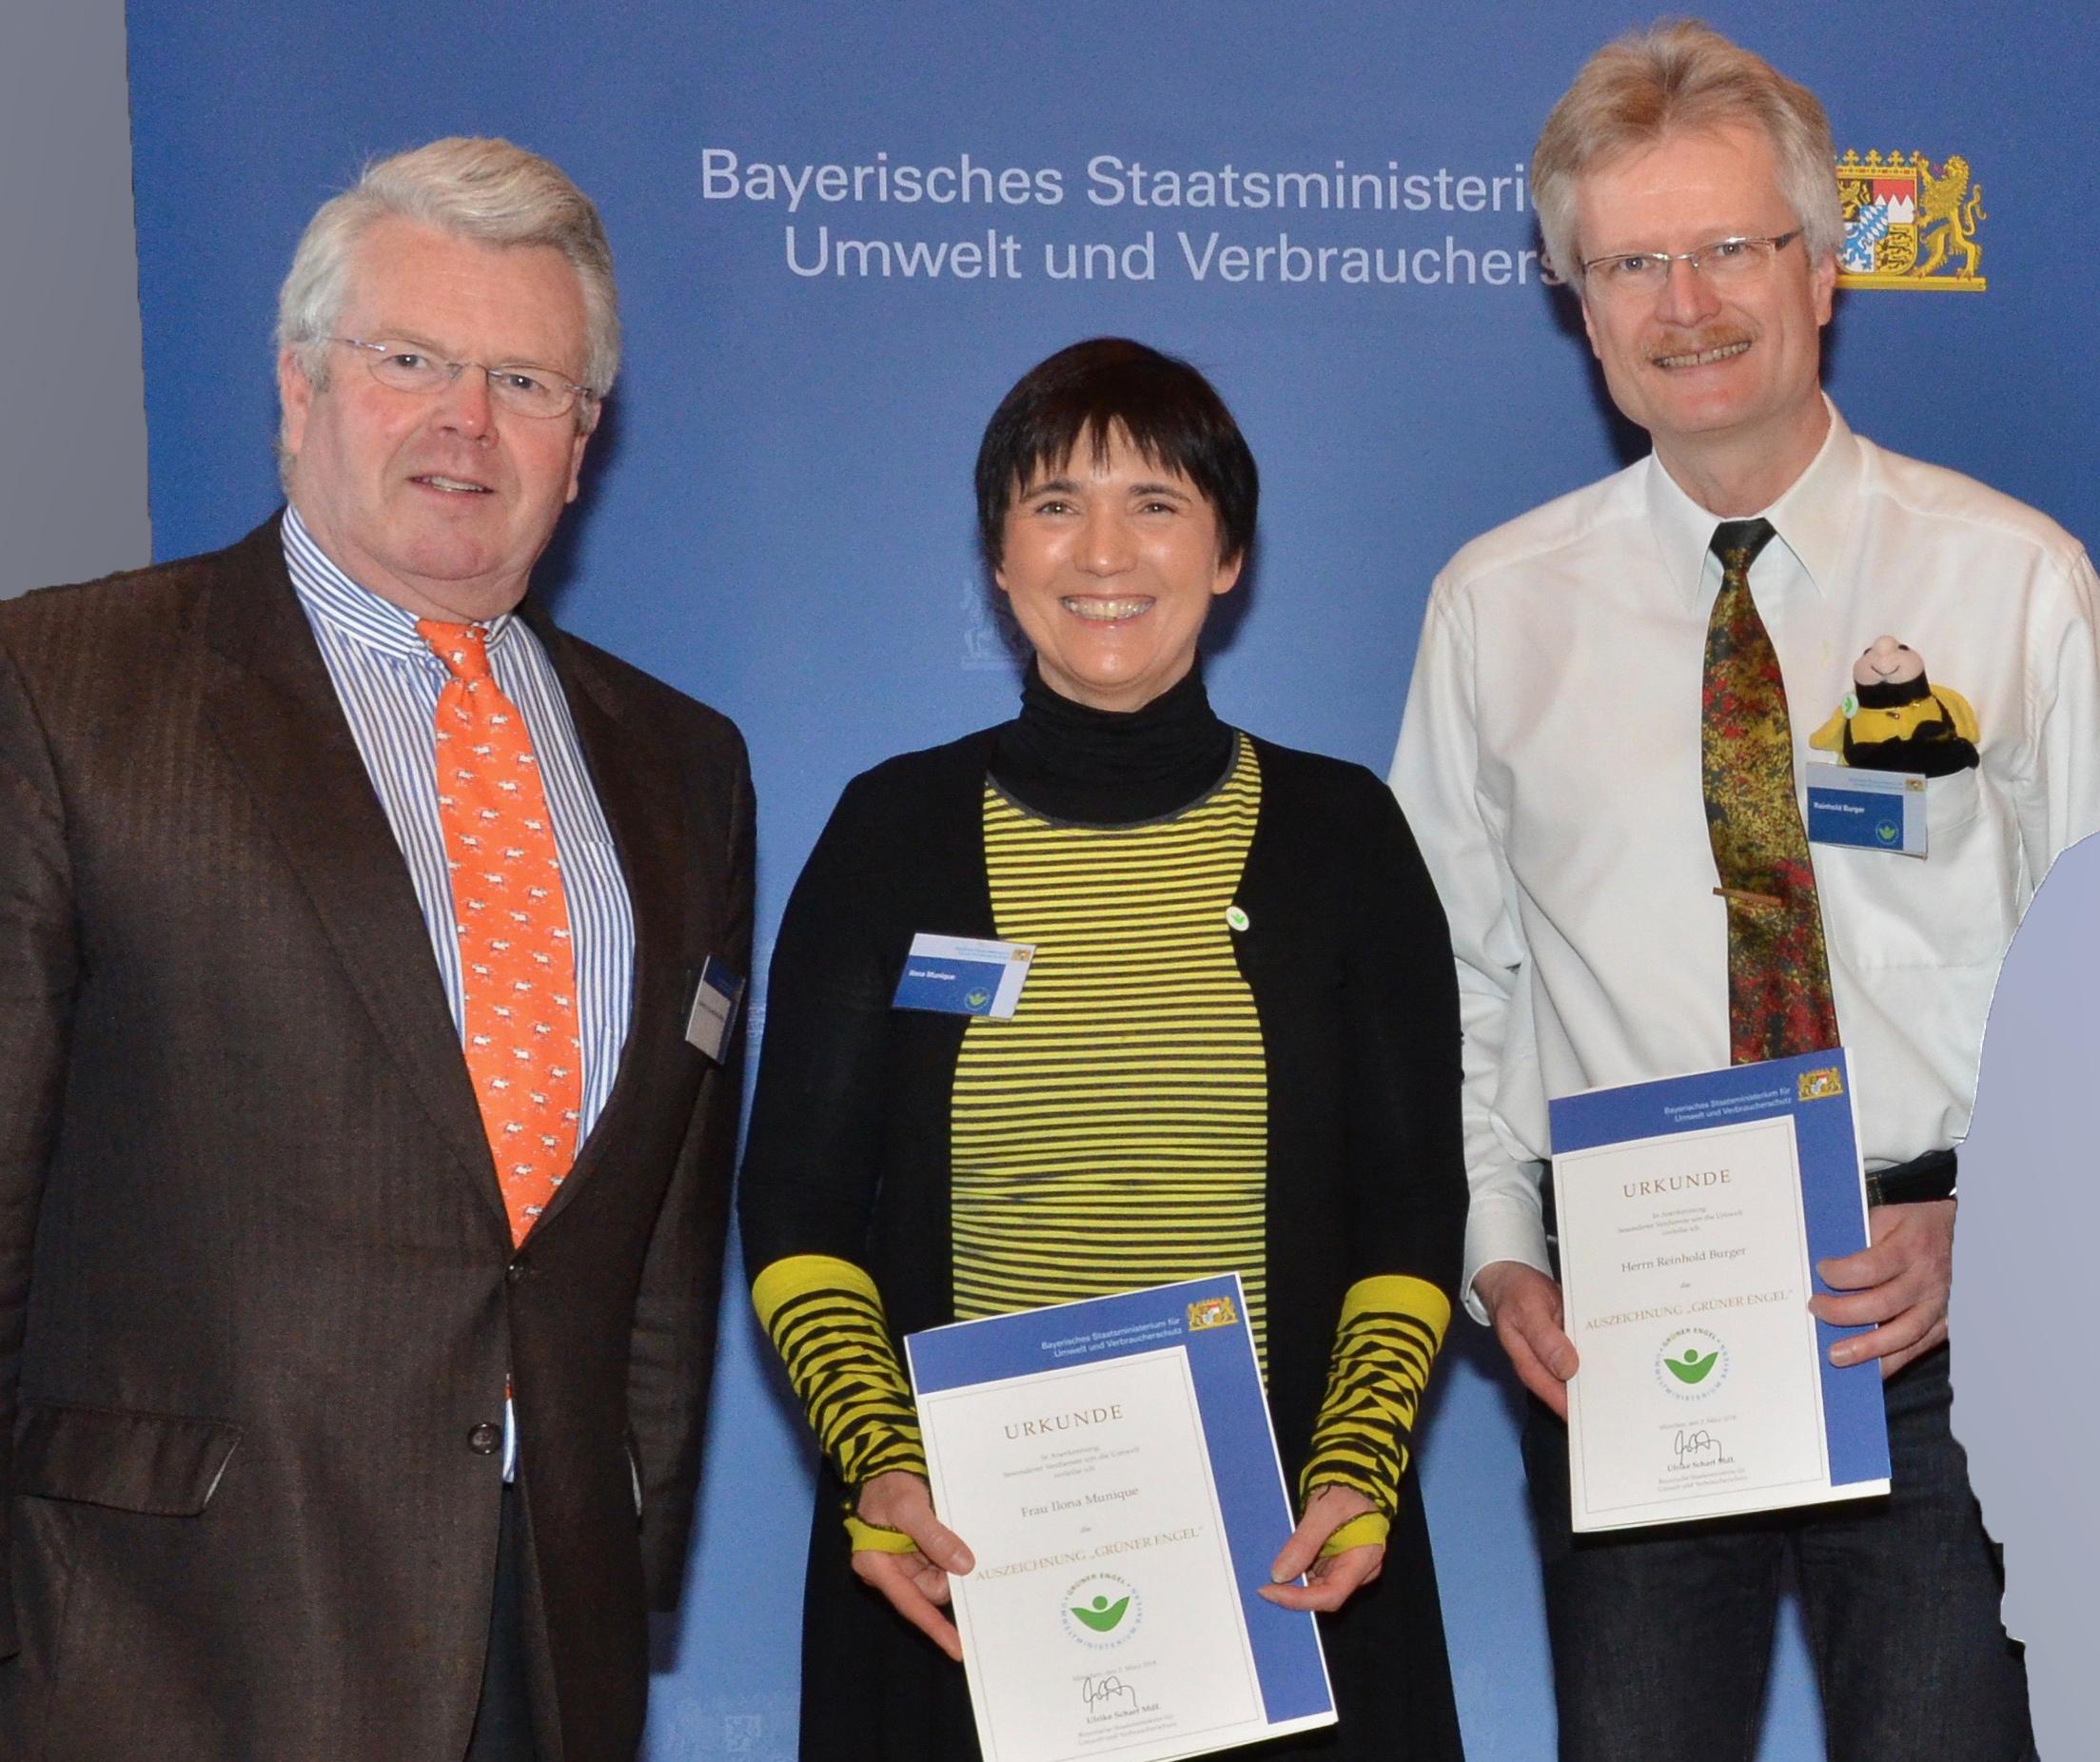 MdL Ludwig Frhr von Lerchenfeld, Ilona Munique und Reinhold Burger